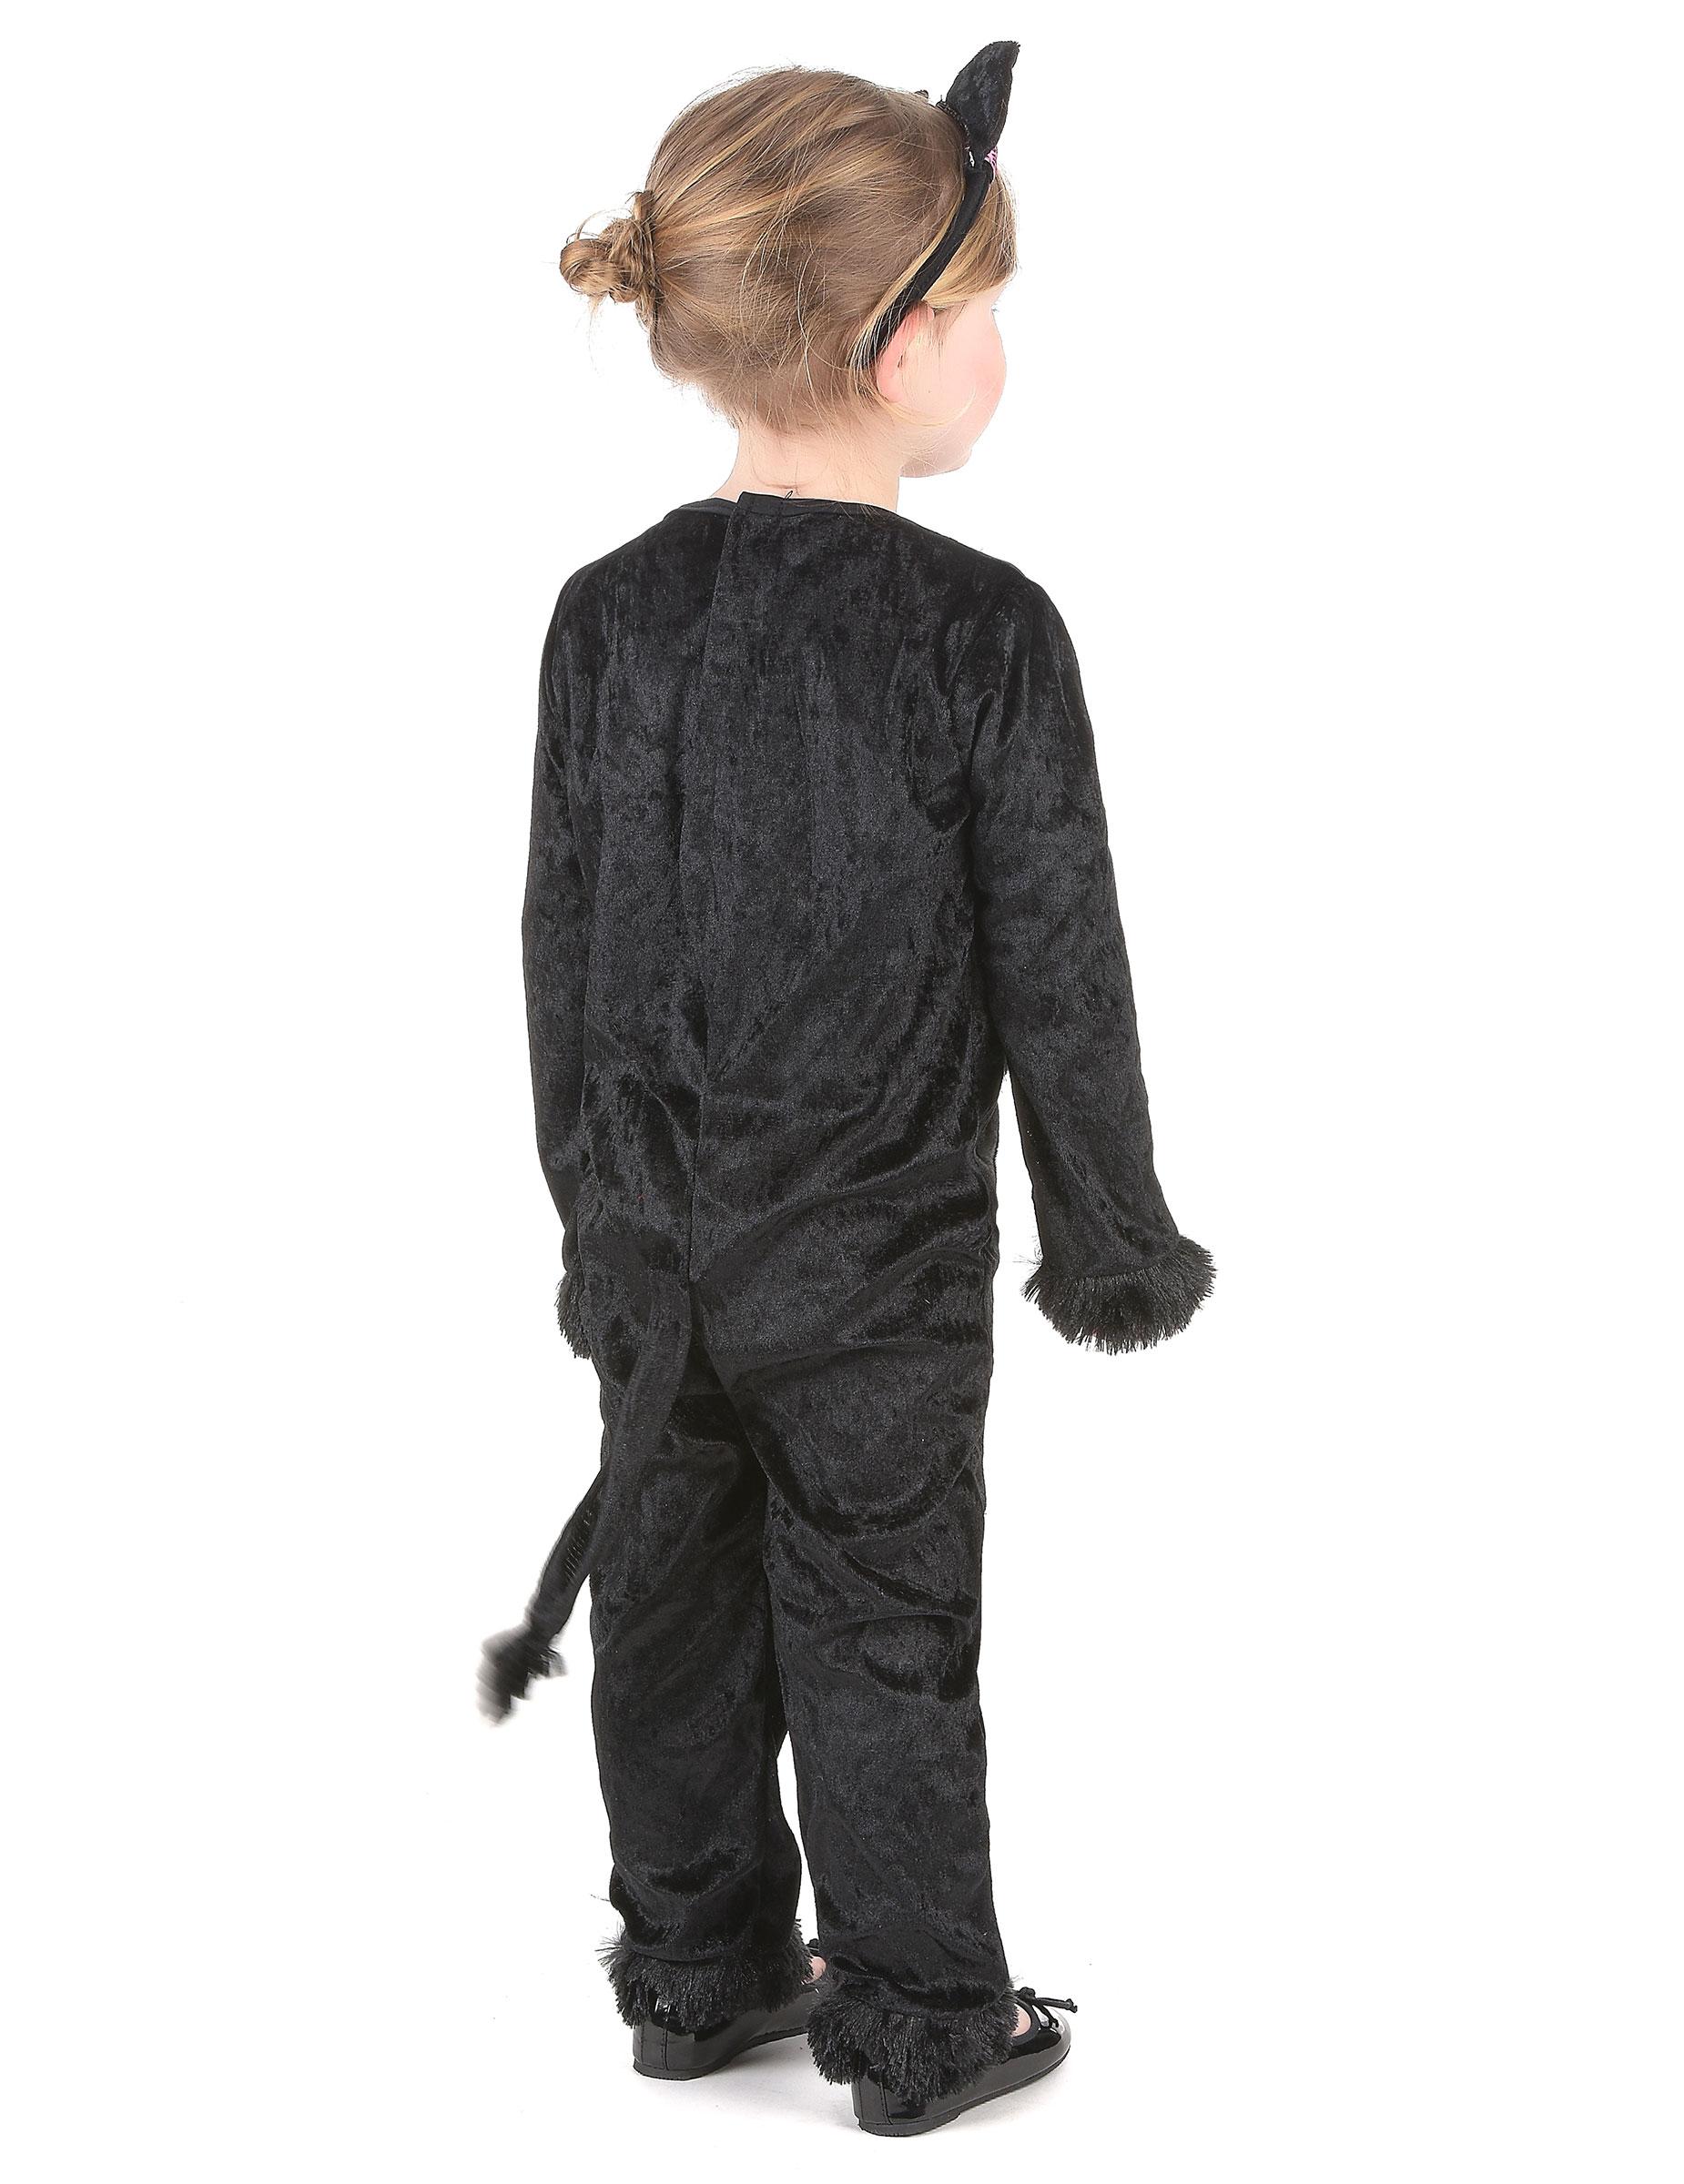 d guisement chat fille achat de d guisements enfants sur vegaoopro grossiste en d guisements. Black Bedroom Furniture Sets. Home Design Ideas